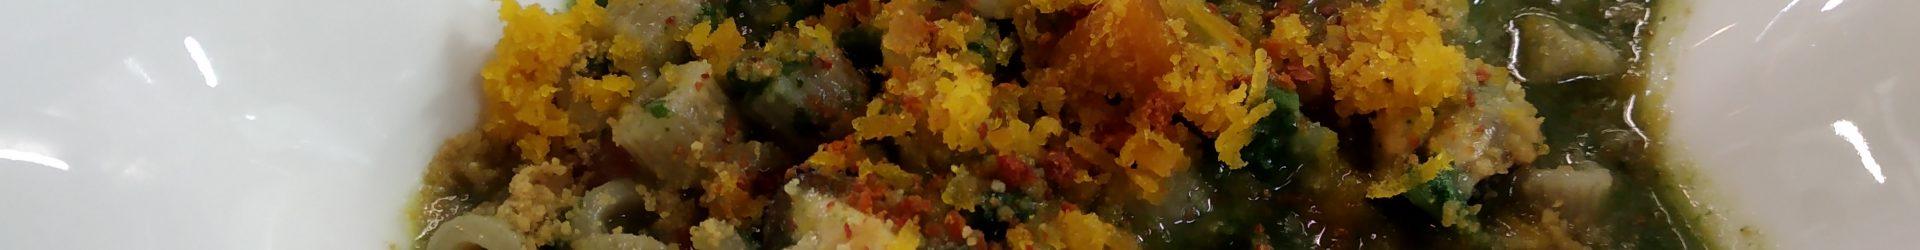 Cubetti di Farro con tenerumi,cozze e bottarga sarda